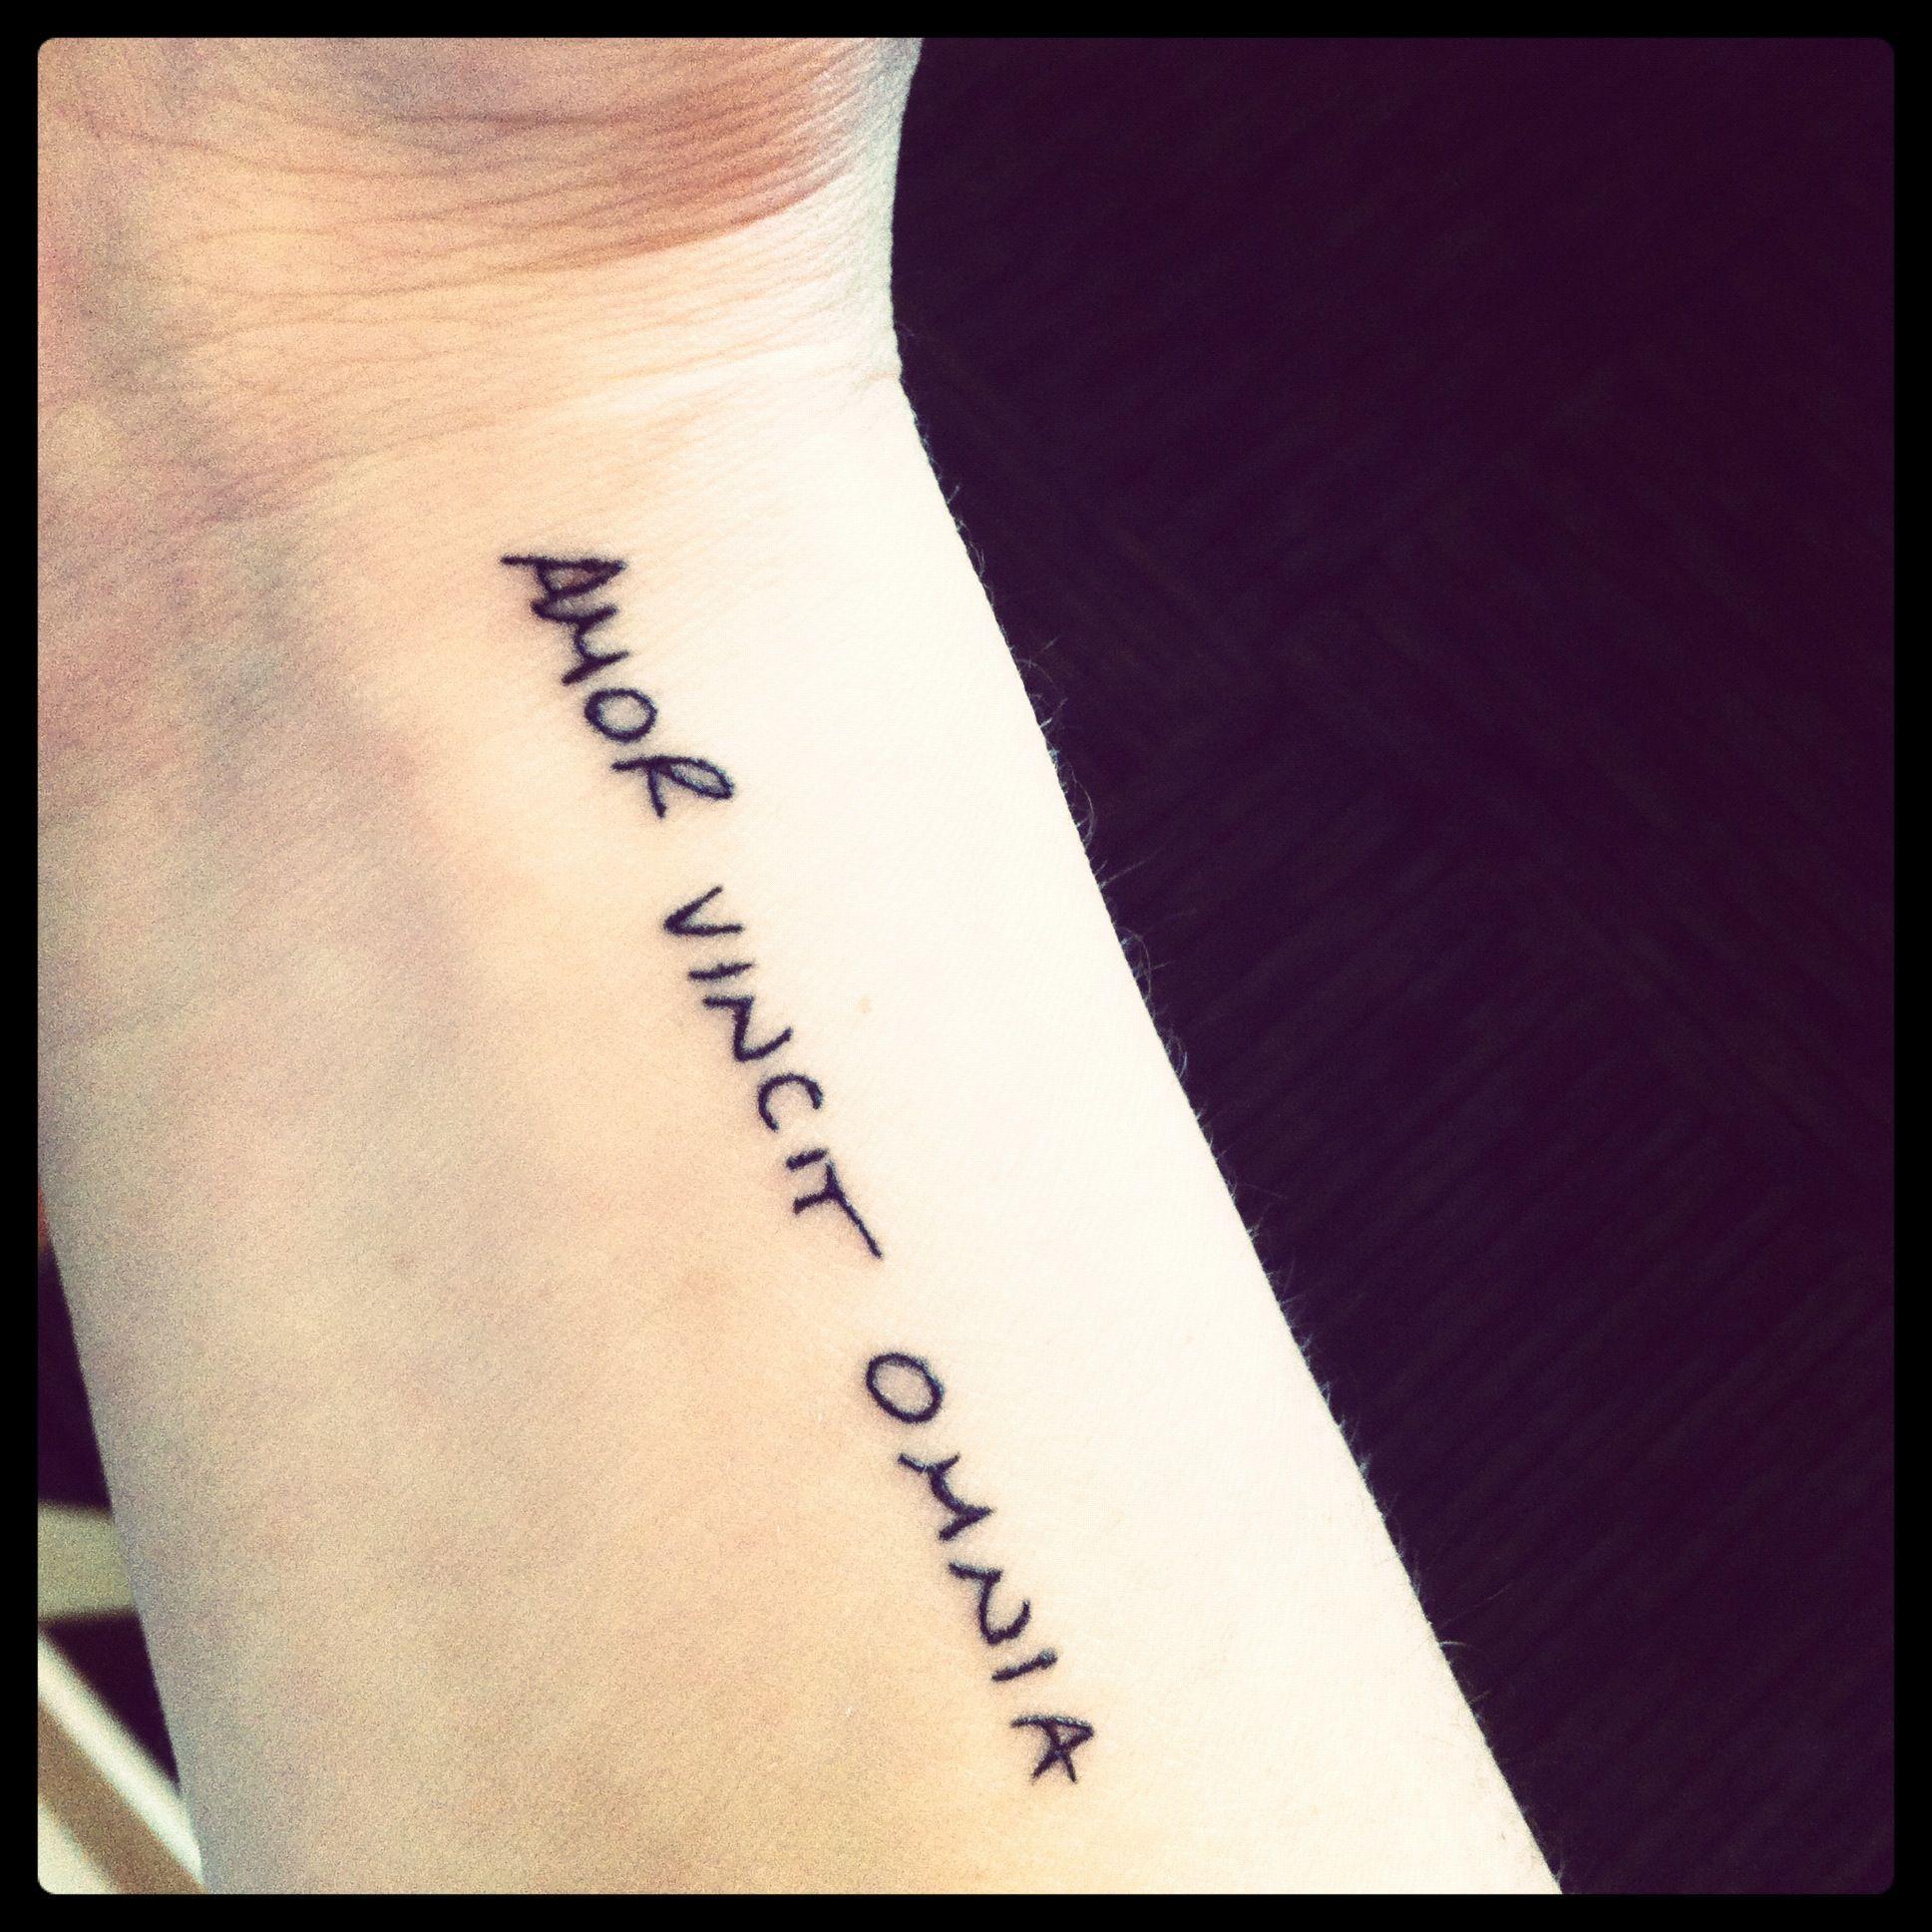 Amor Vincit Omnia Tattoos Inspirational Tattoos First Tattoo